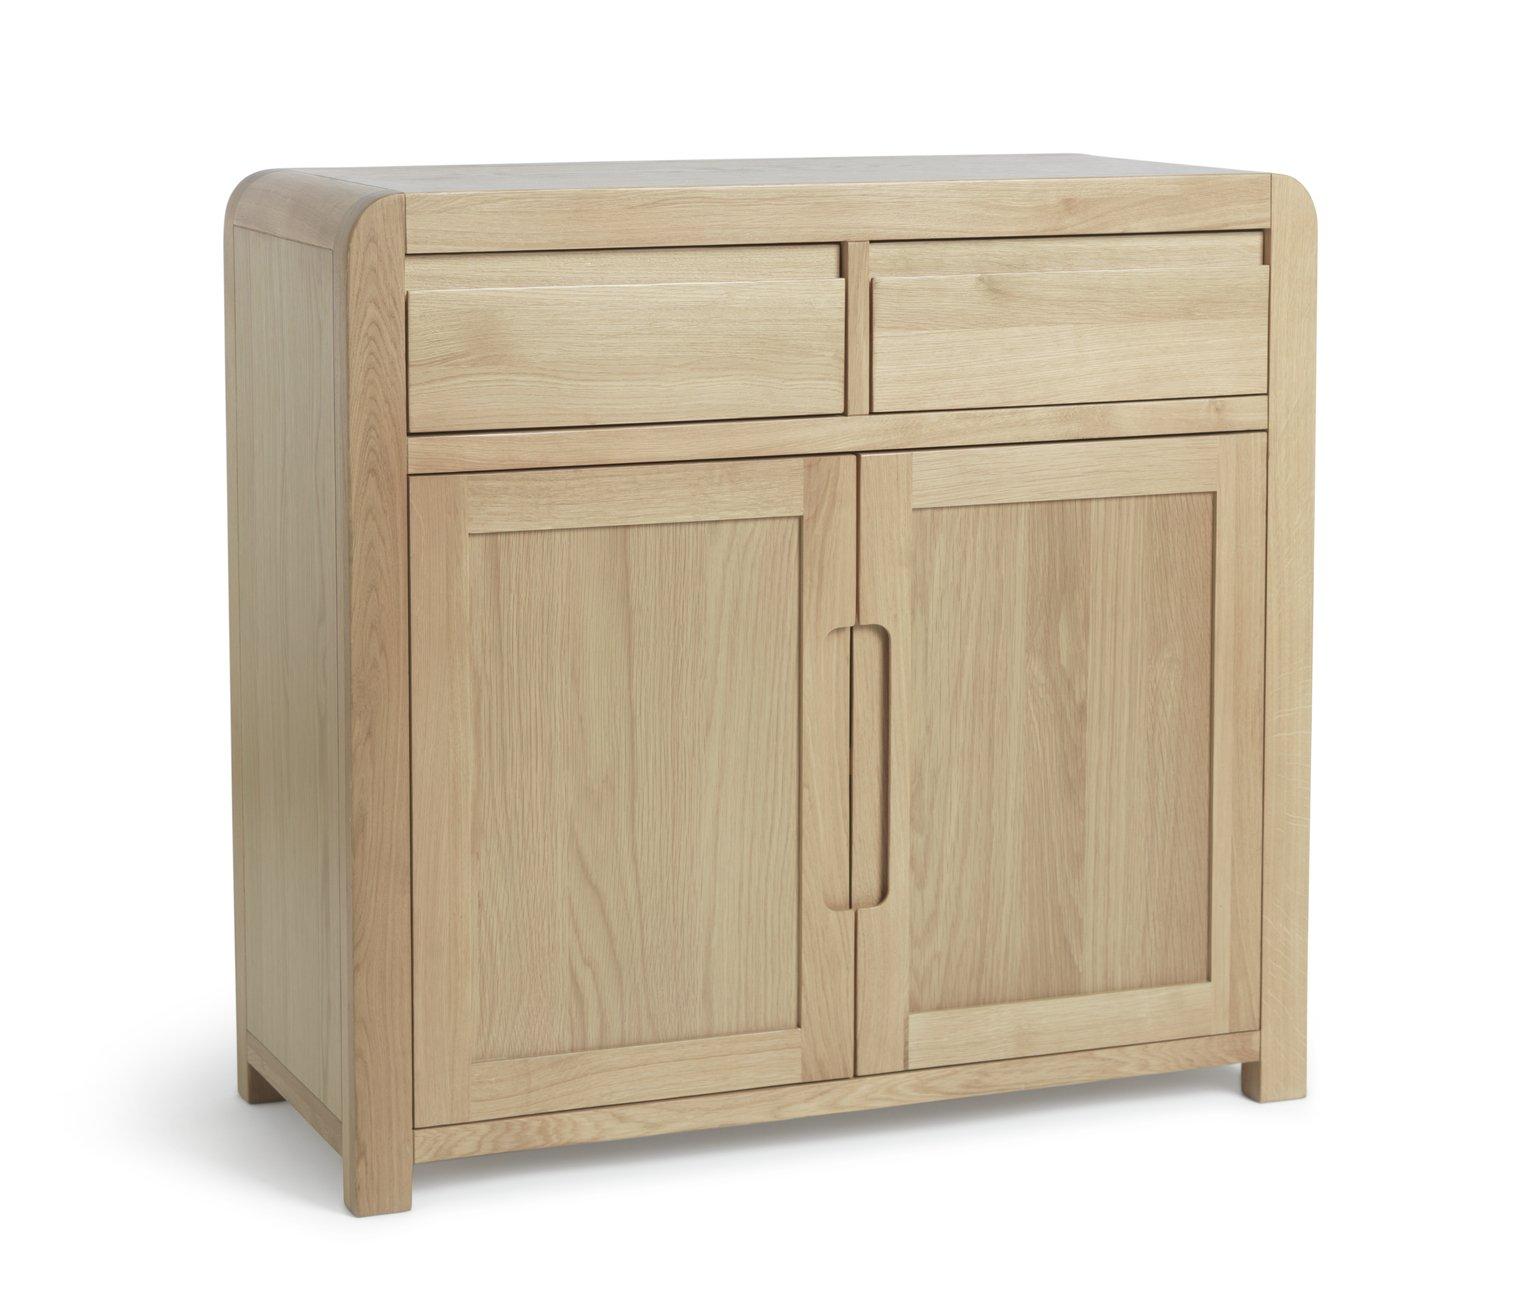 Argos Home Novara 2 Door 2 Drawer Sideboard - Oak Veneer